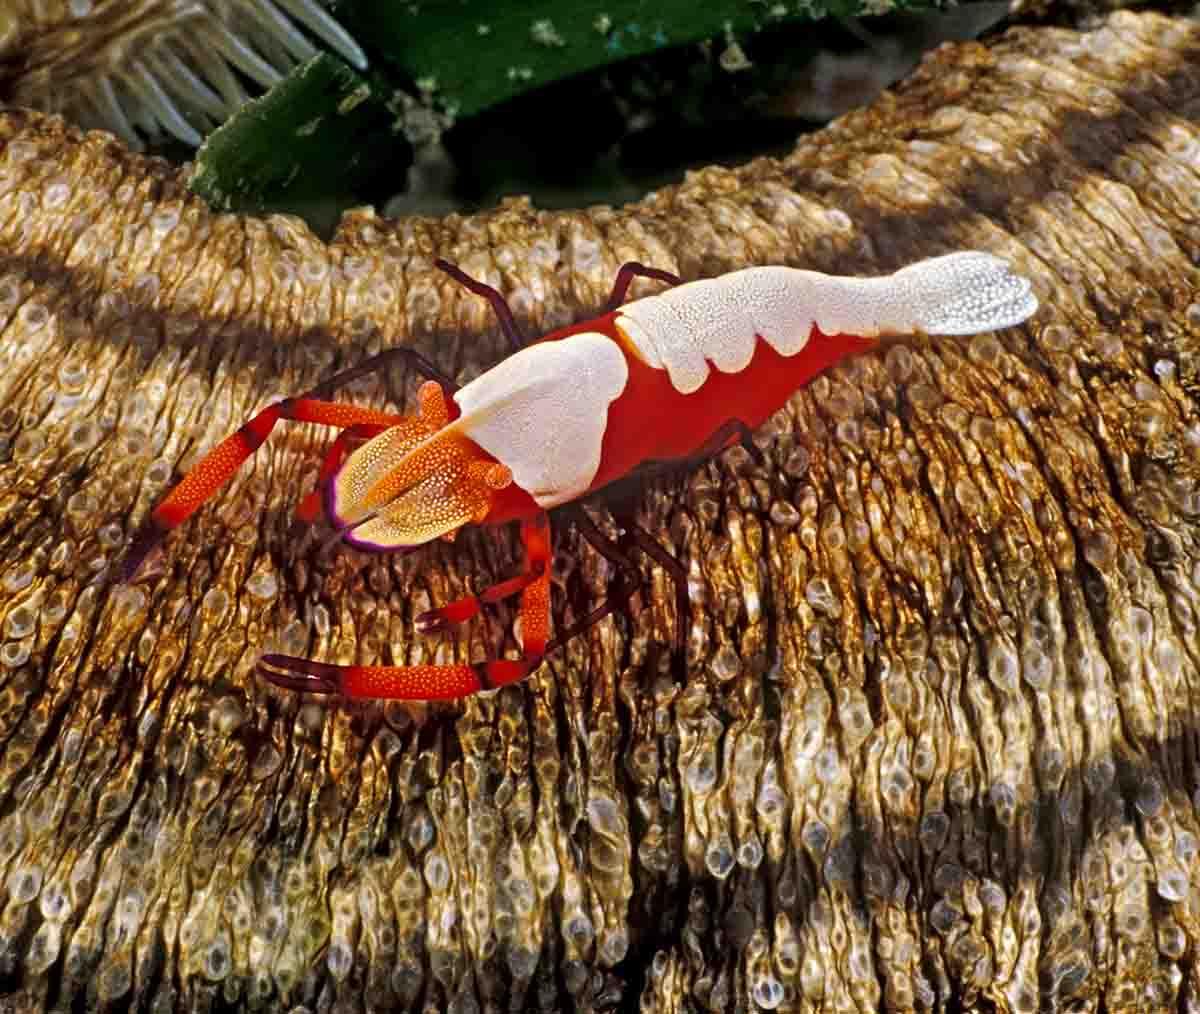 Imperial Shrimp Sea Cucumber